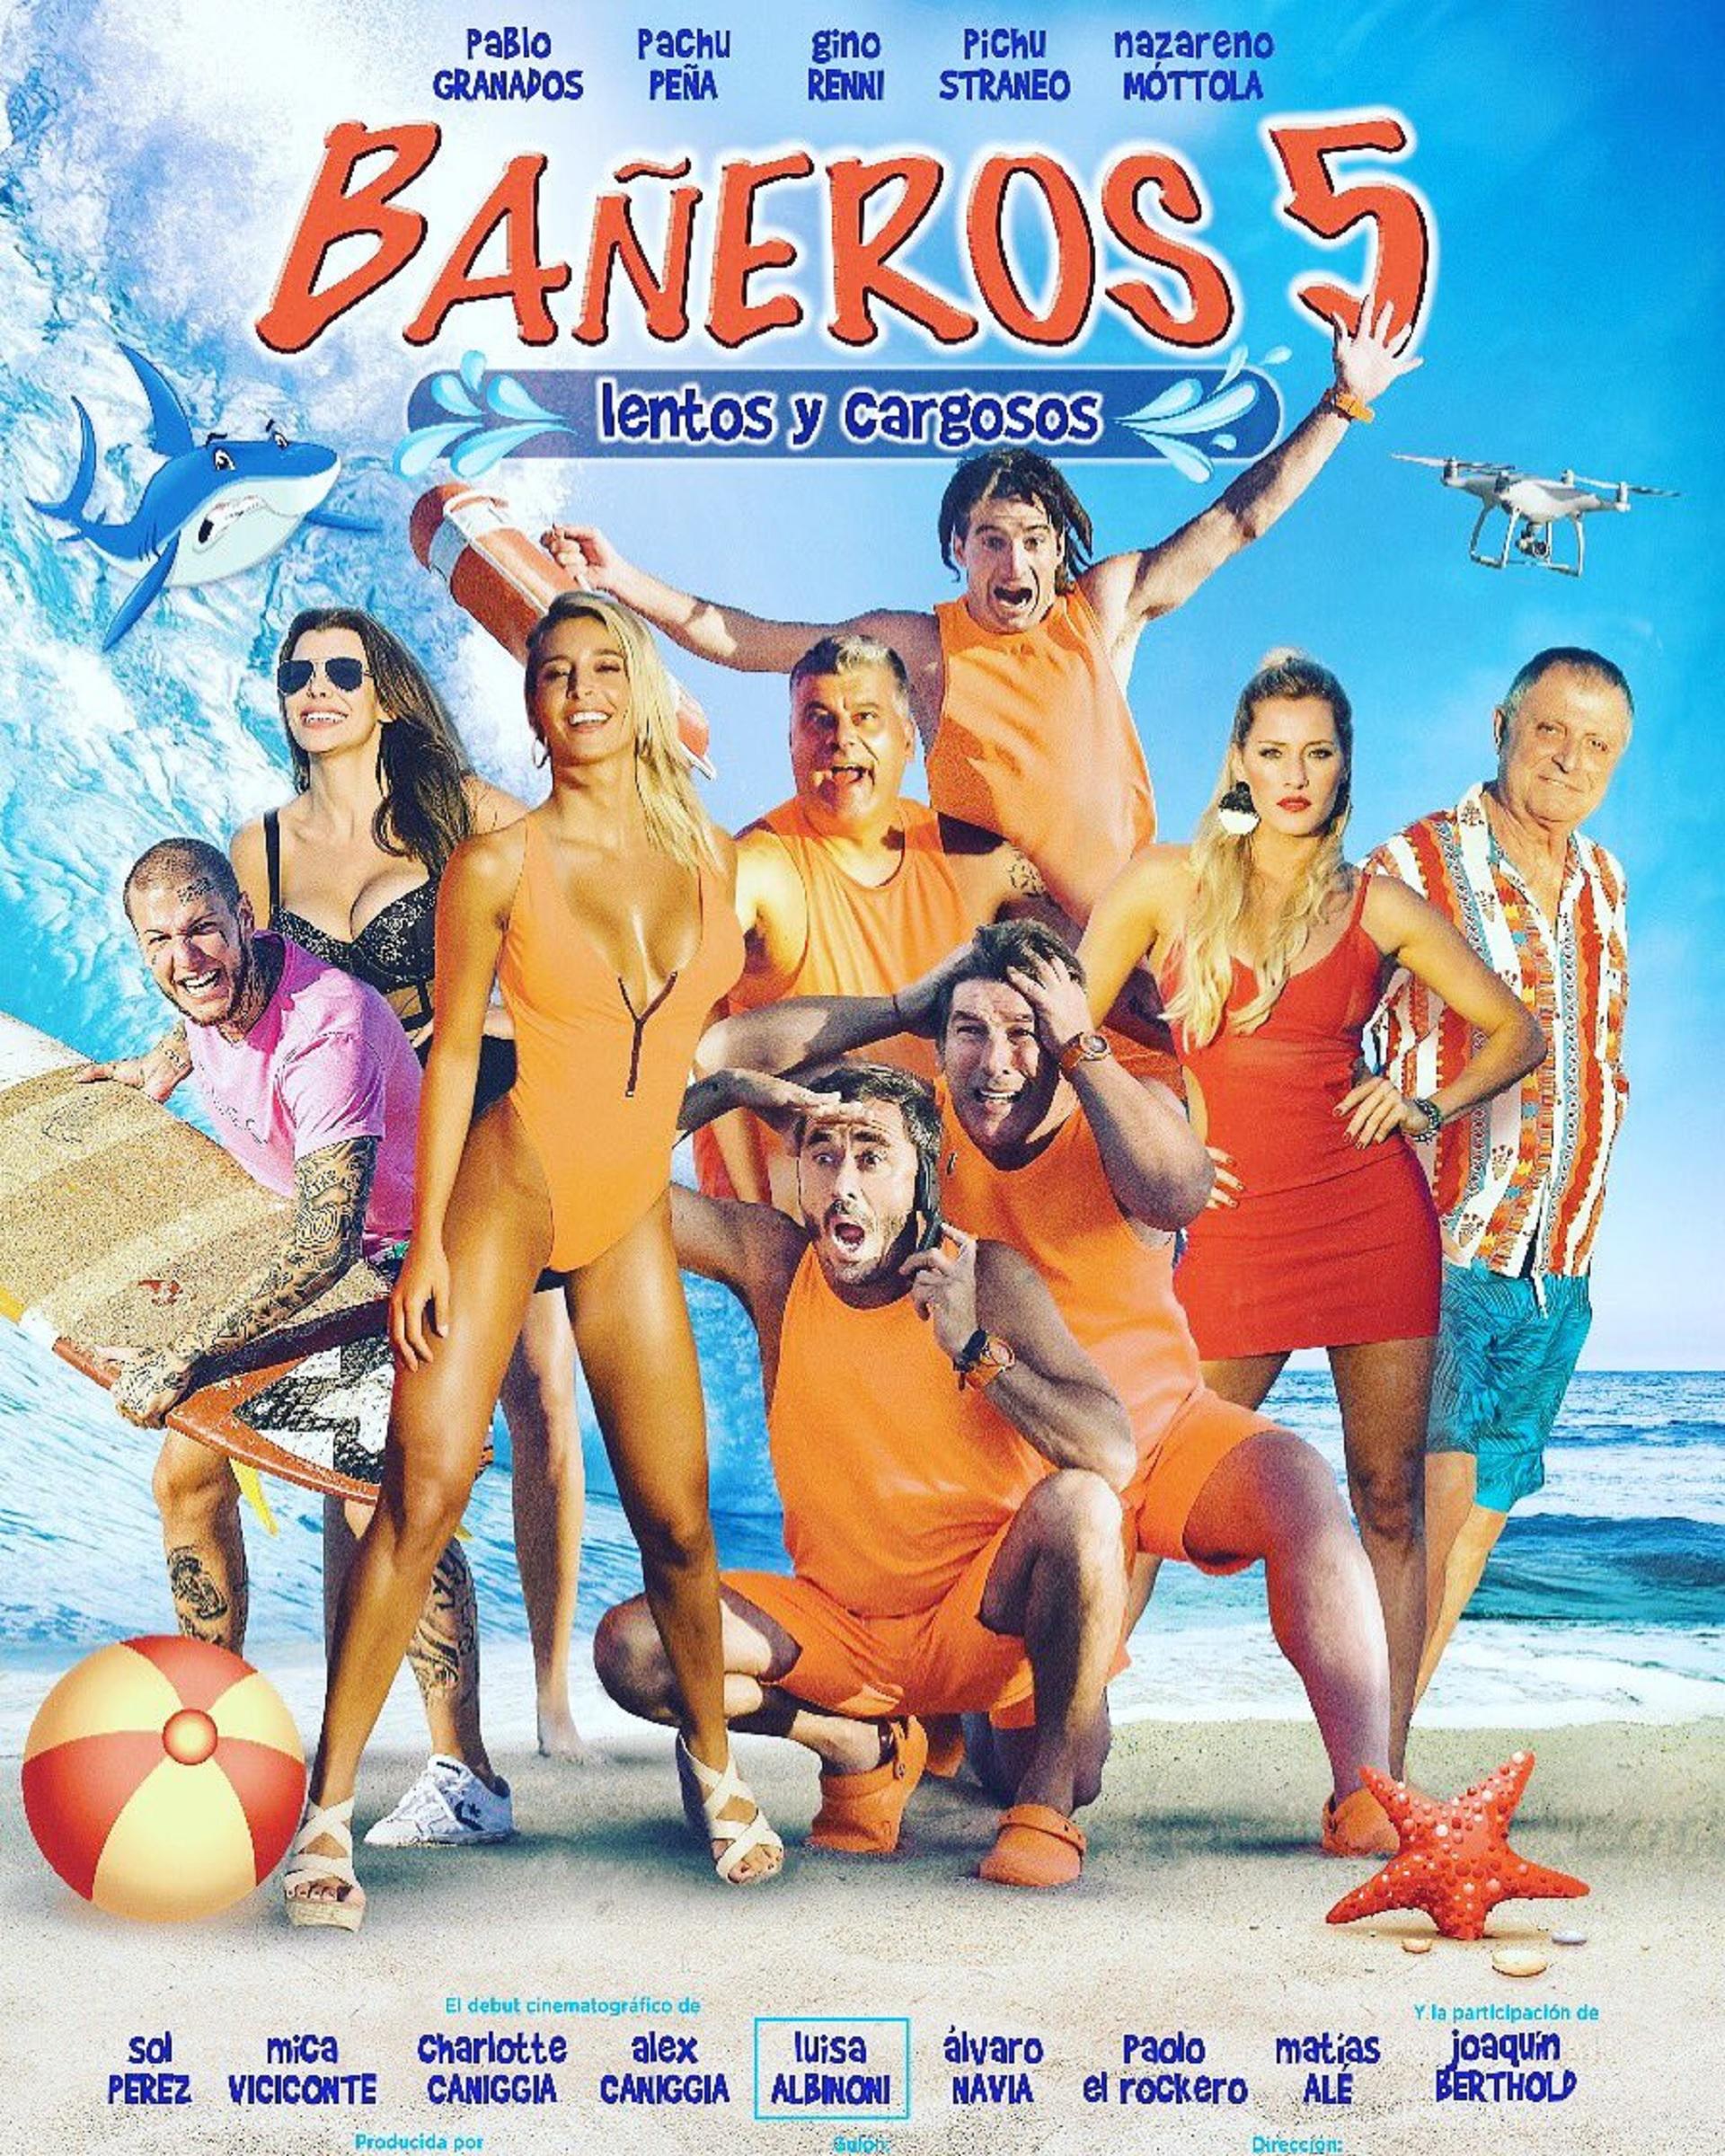 Baneros5